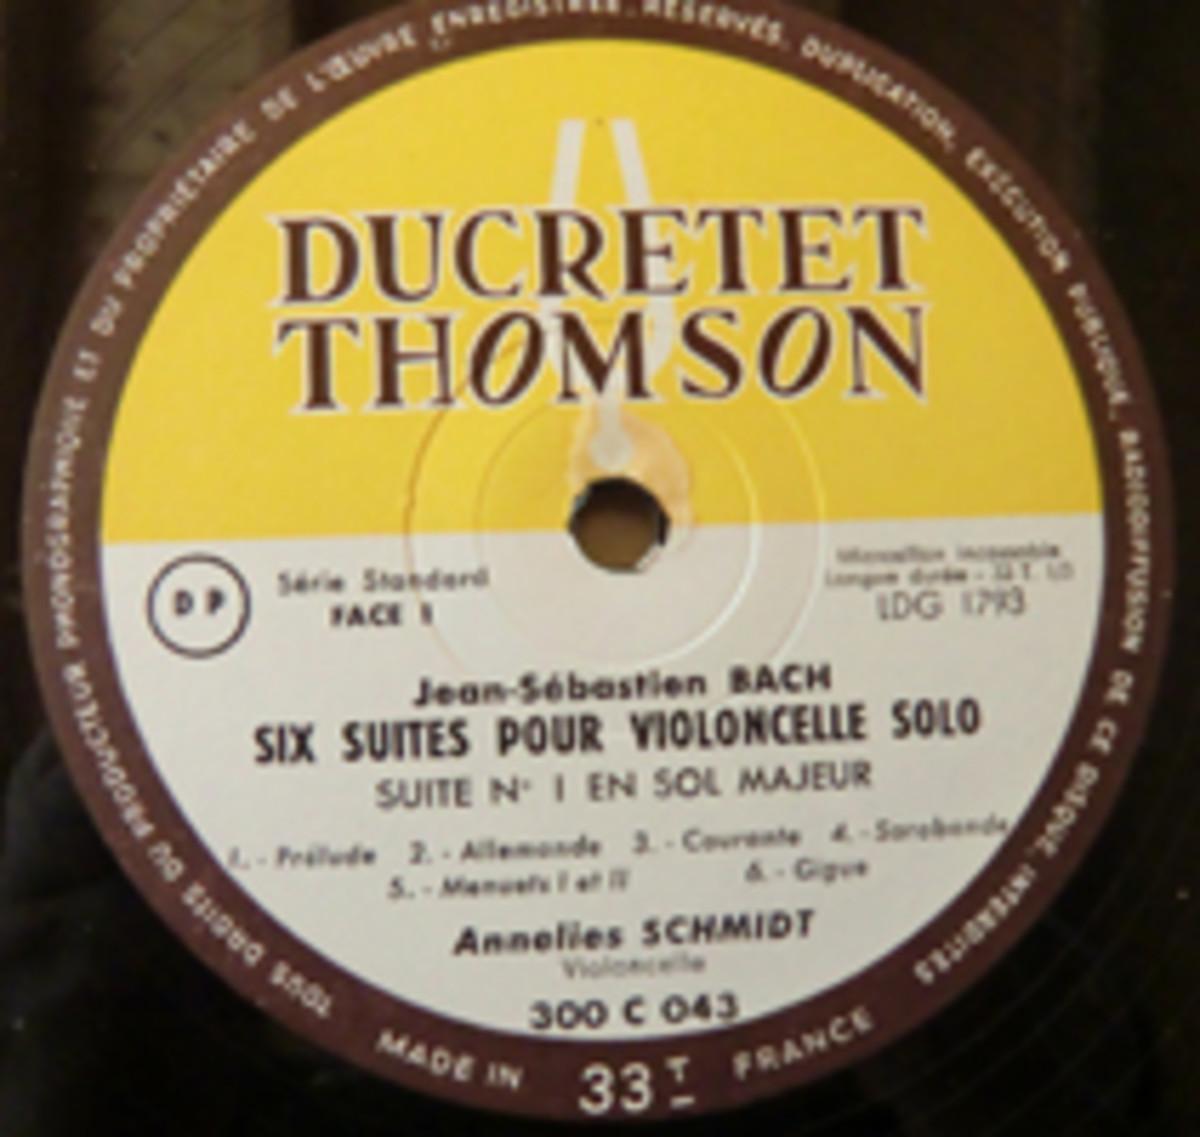 Annelies Schmidt Suites Pour Viloncelle Solo LP box set